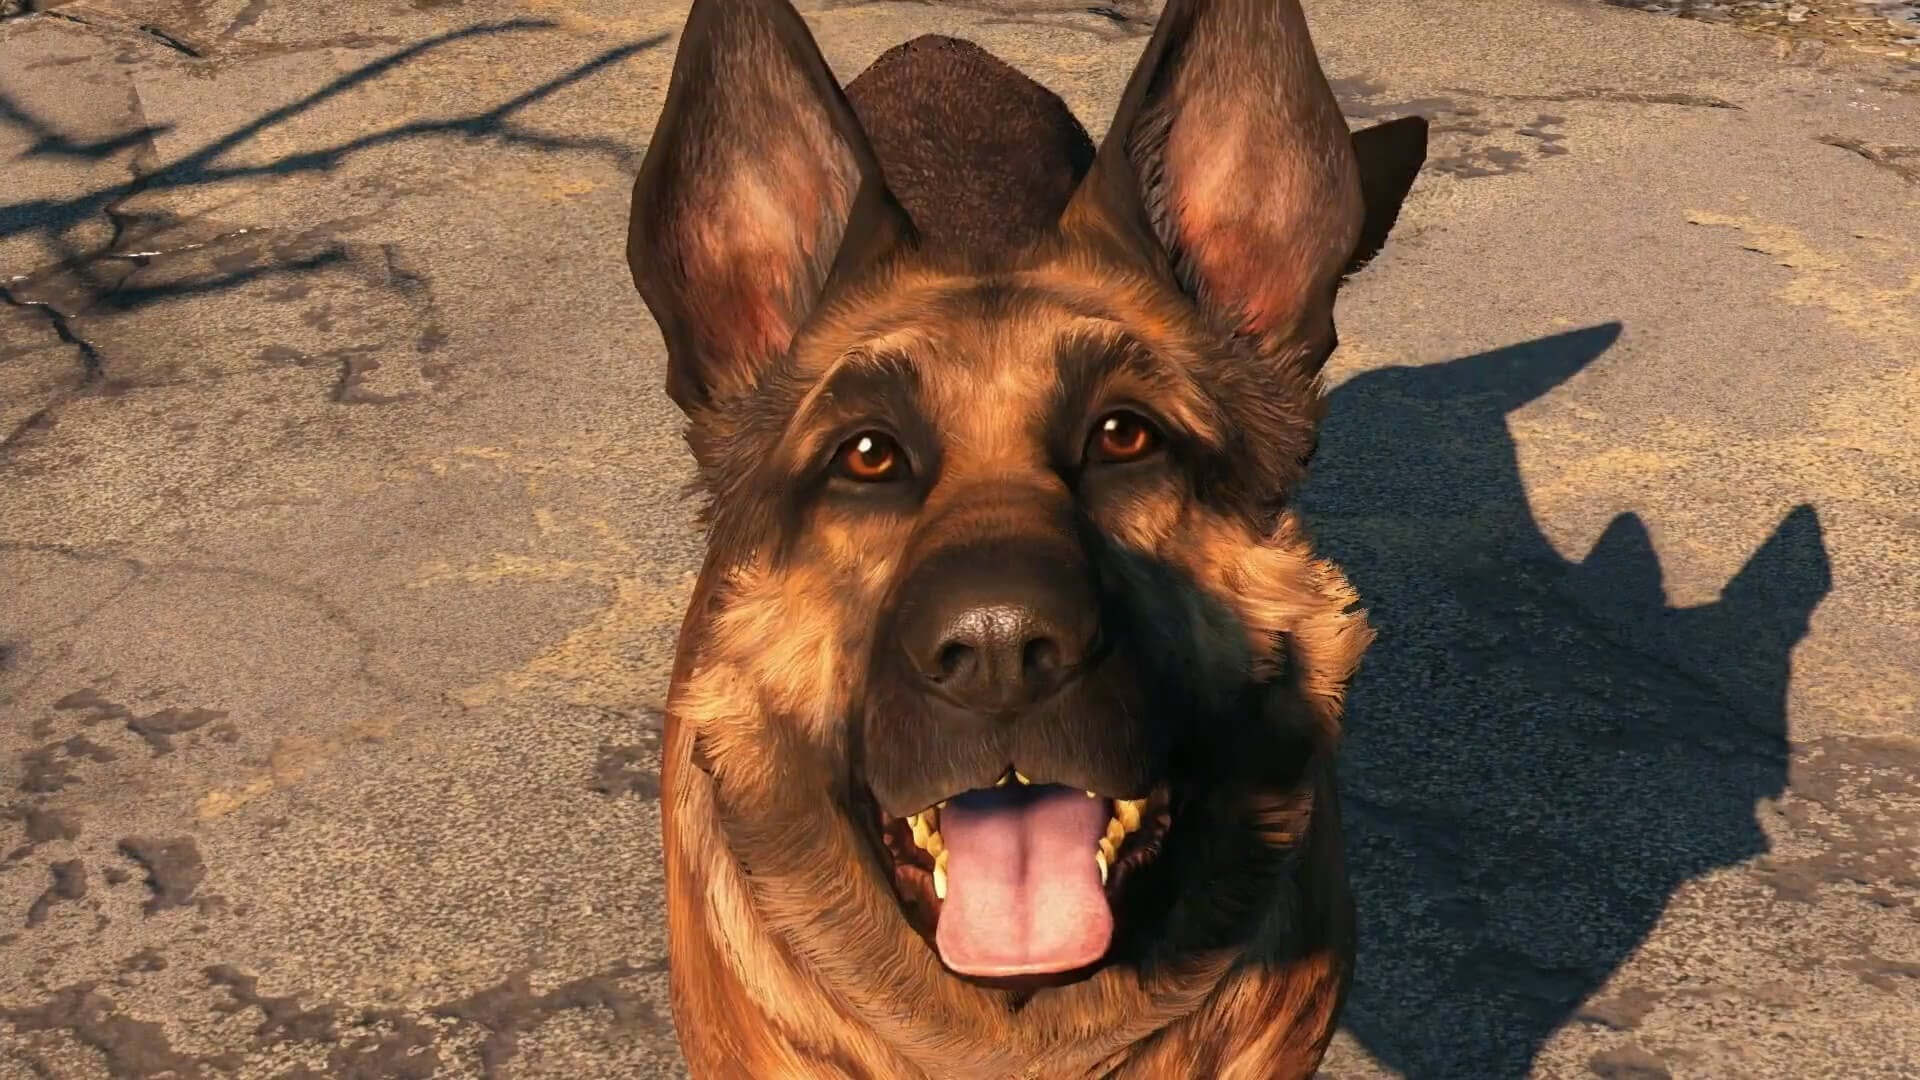 Fallout 4 - Dogmeat